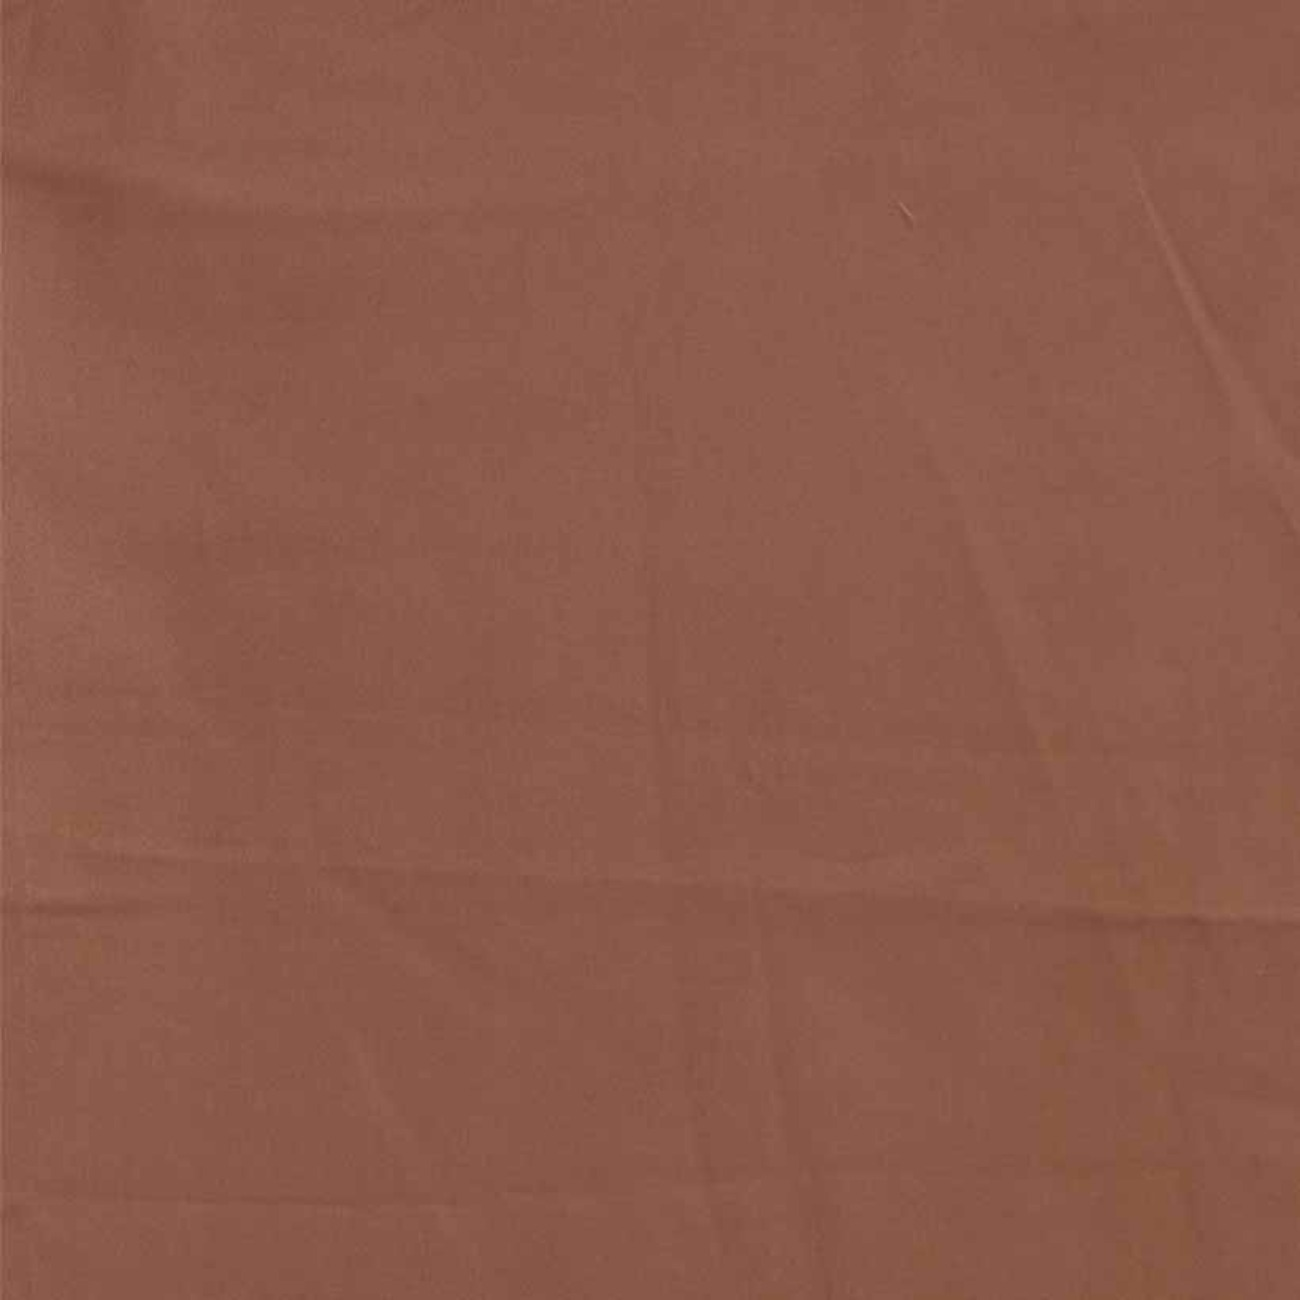 现货素色梭织色织低弹休闲时尚风格衬衫连衣裙 短裙 棉感 60929-22